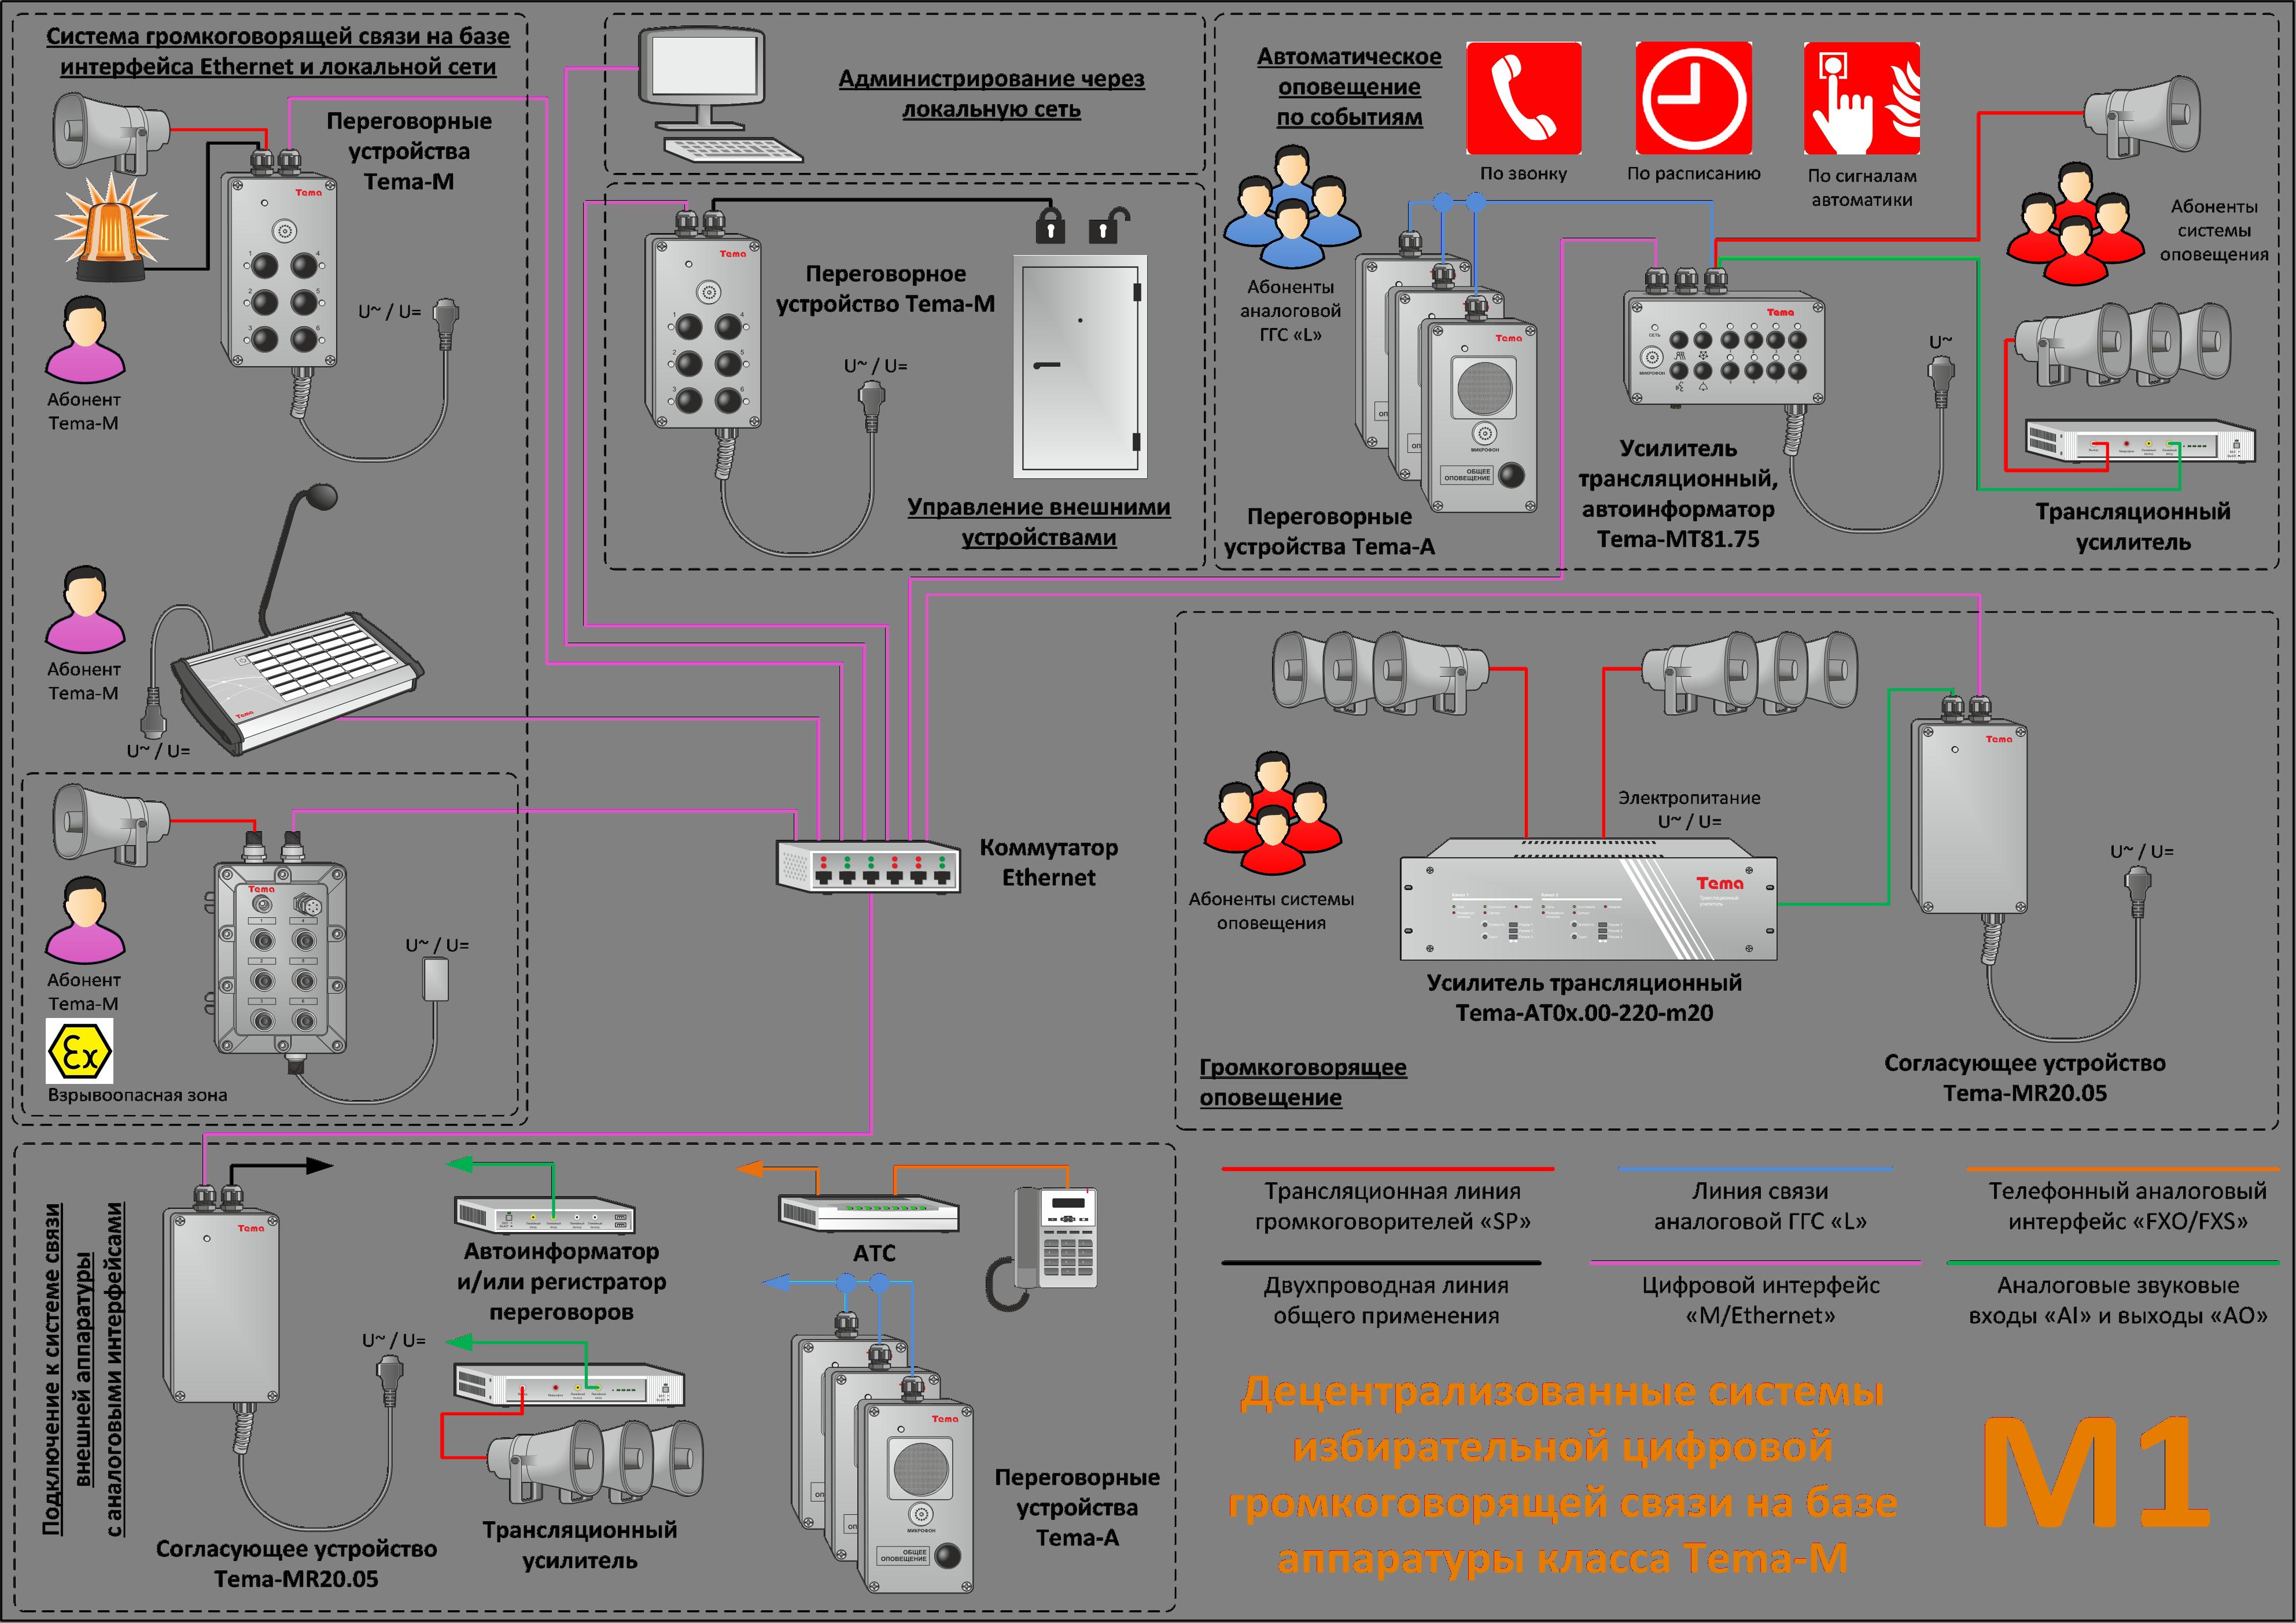 Статья M1: Децентрализованные цифровые системы избирательной громкоговорящей связи